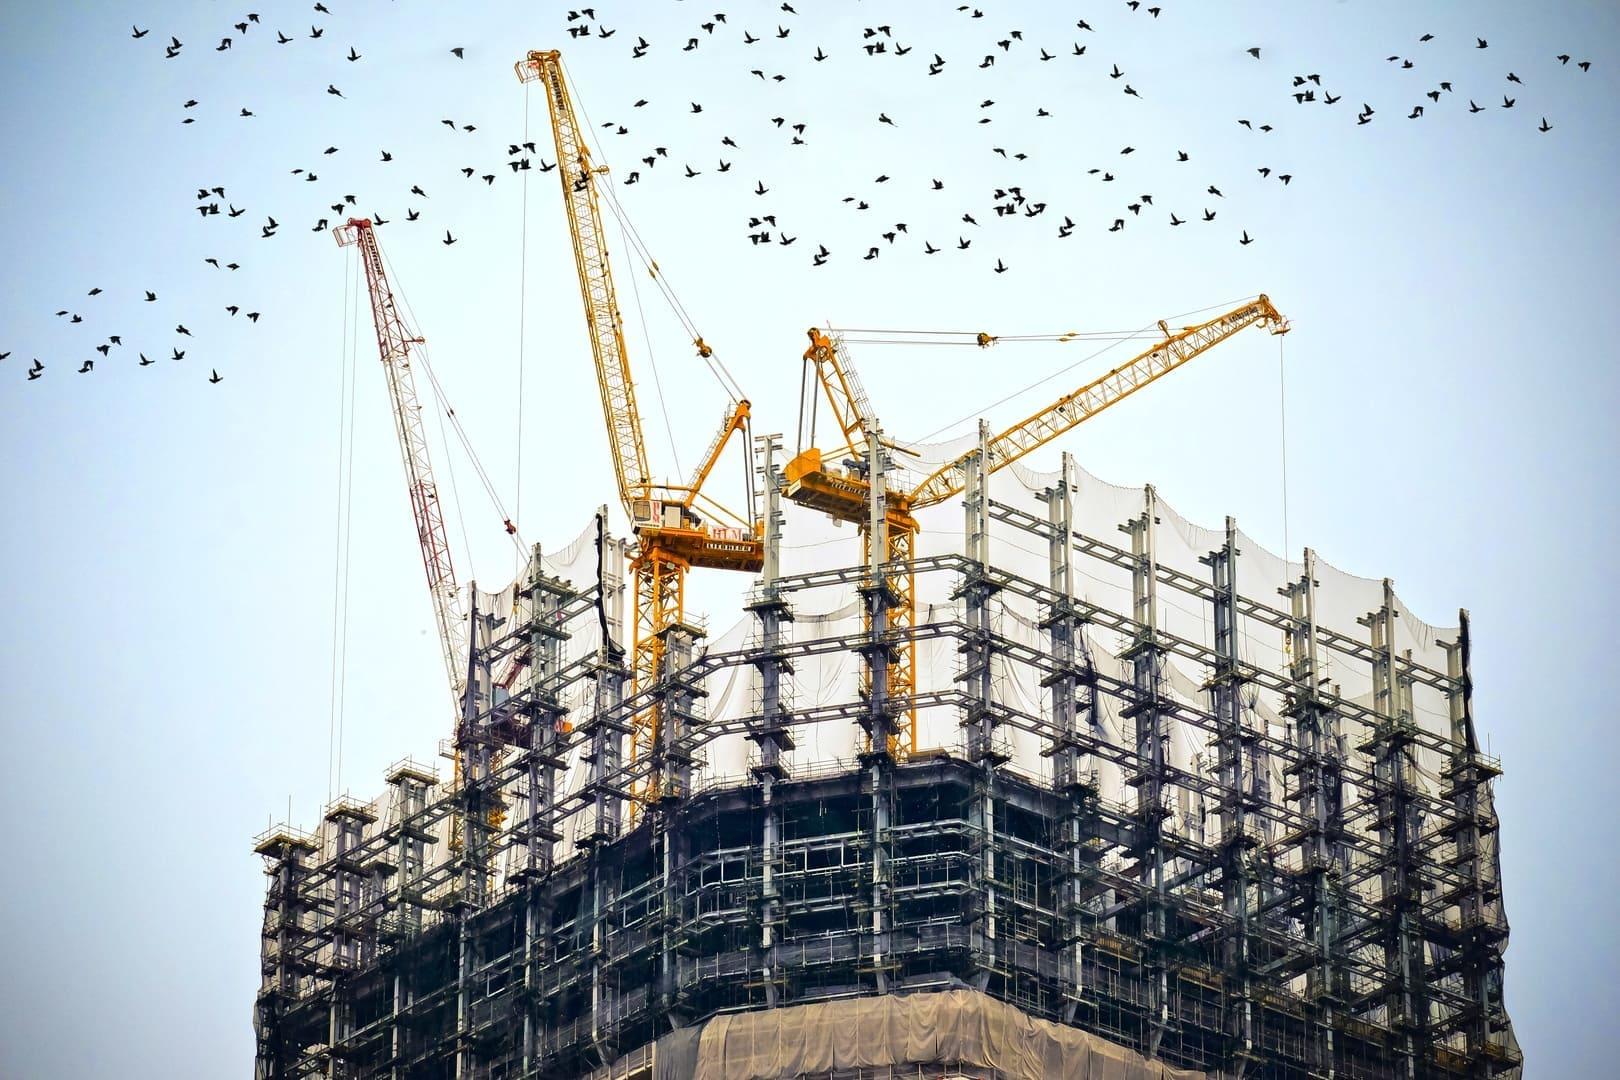 bird-architecture-skyscraper-urban-construction-tower-103364-pxhere.com_